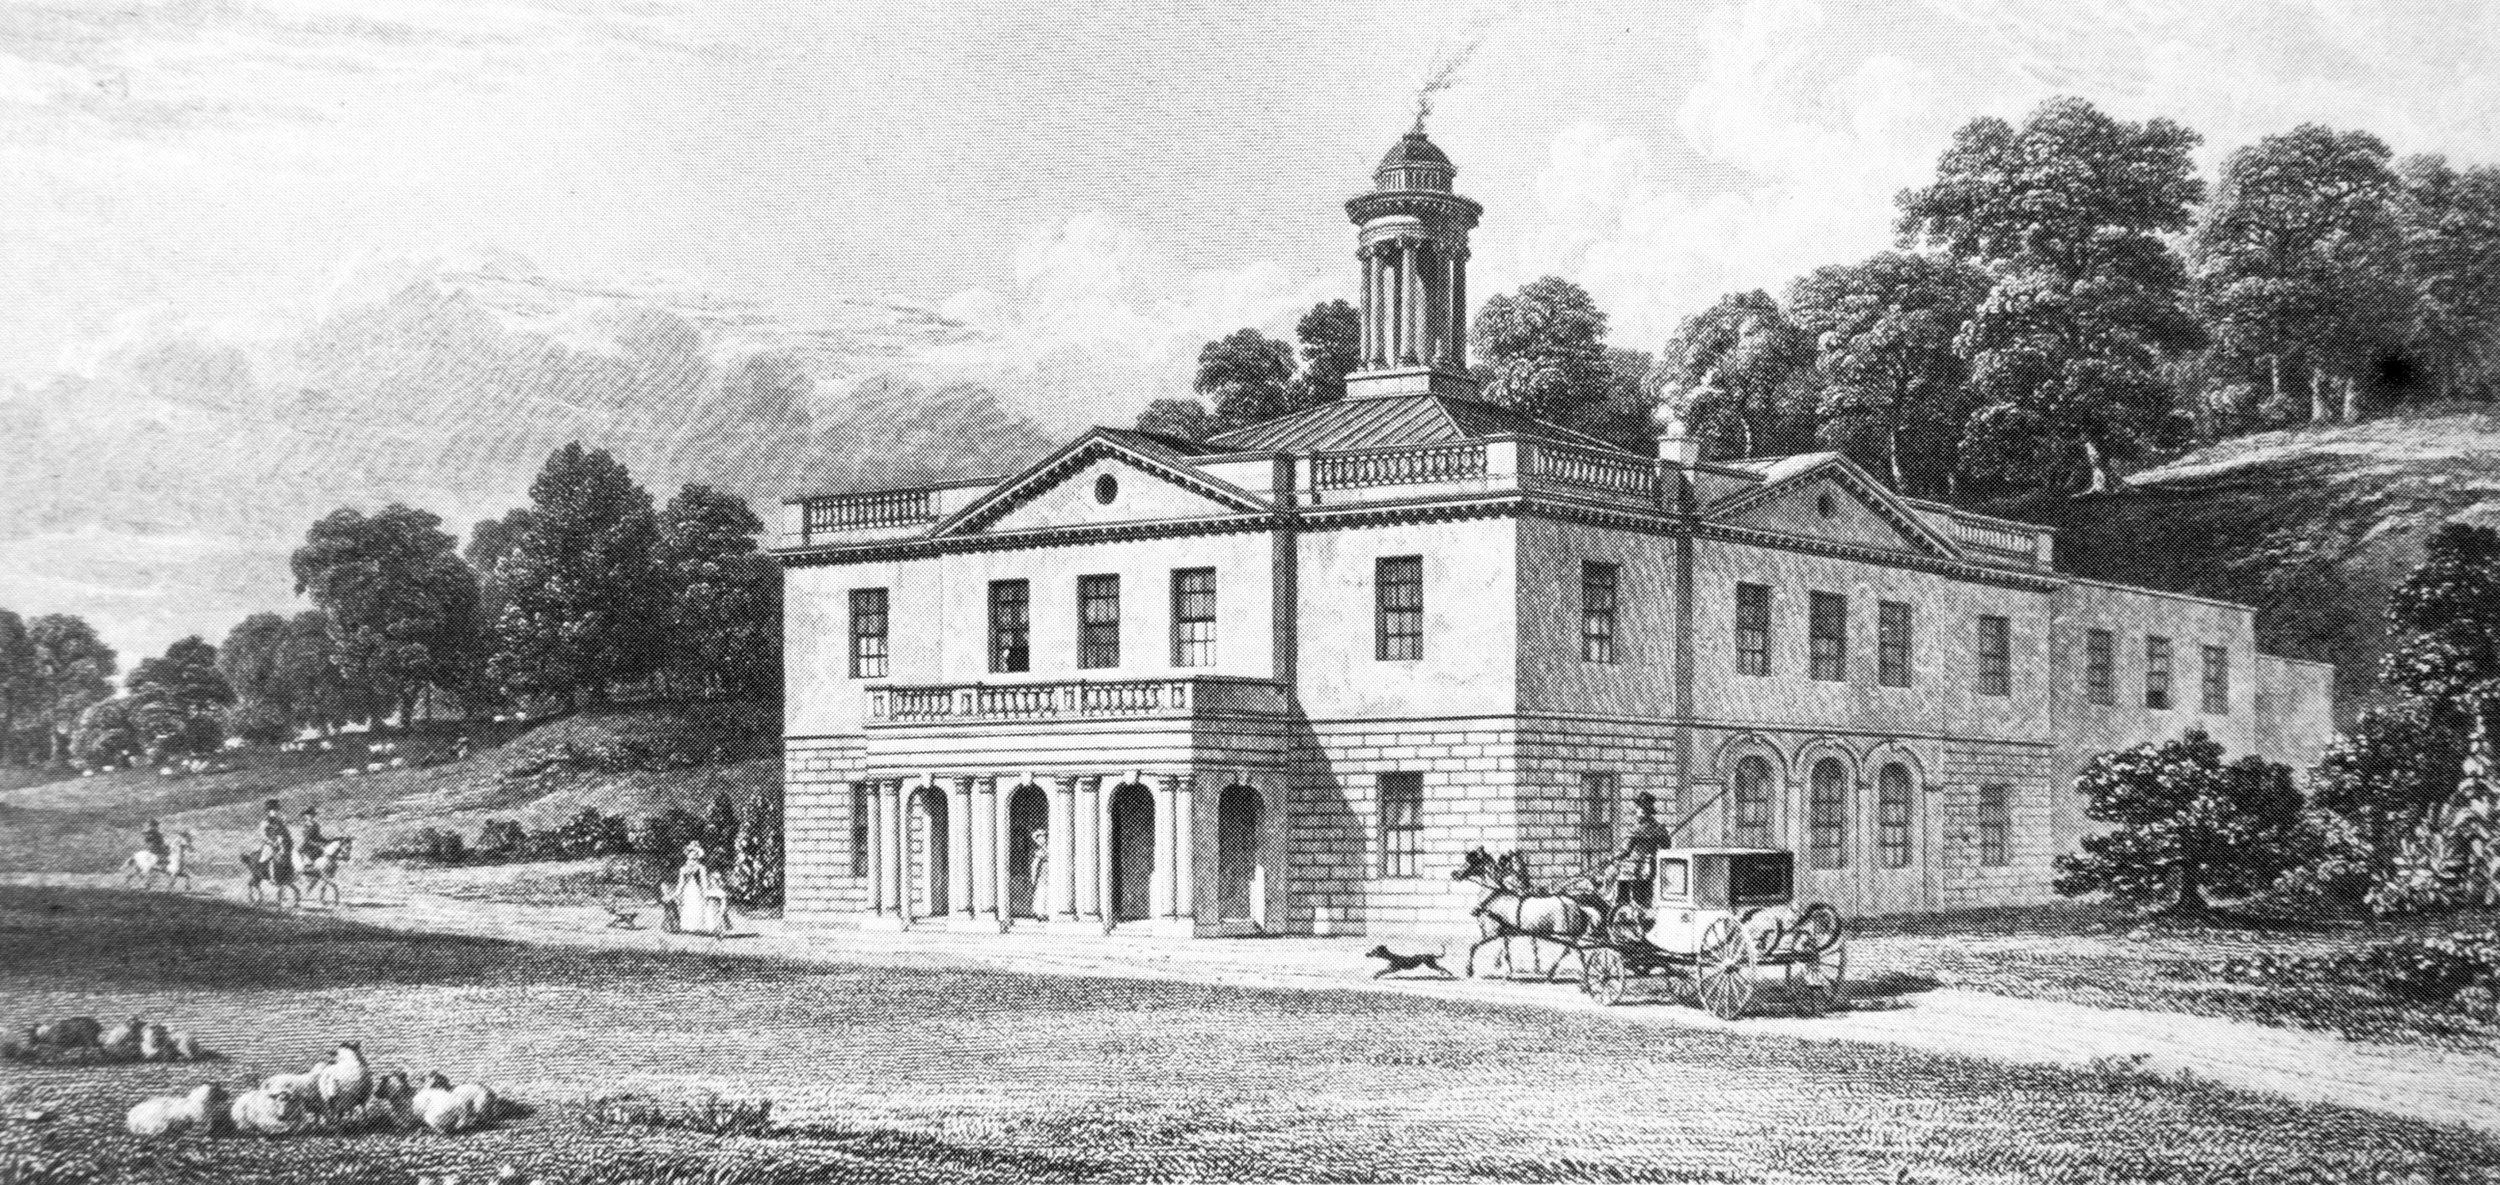 The Pavilion c.1828